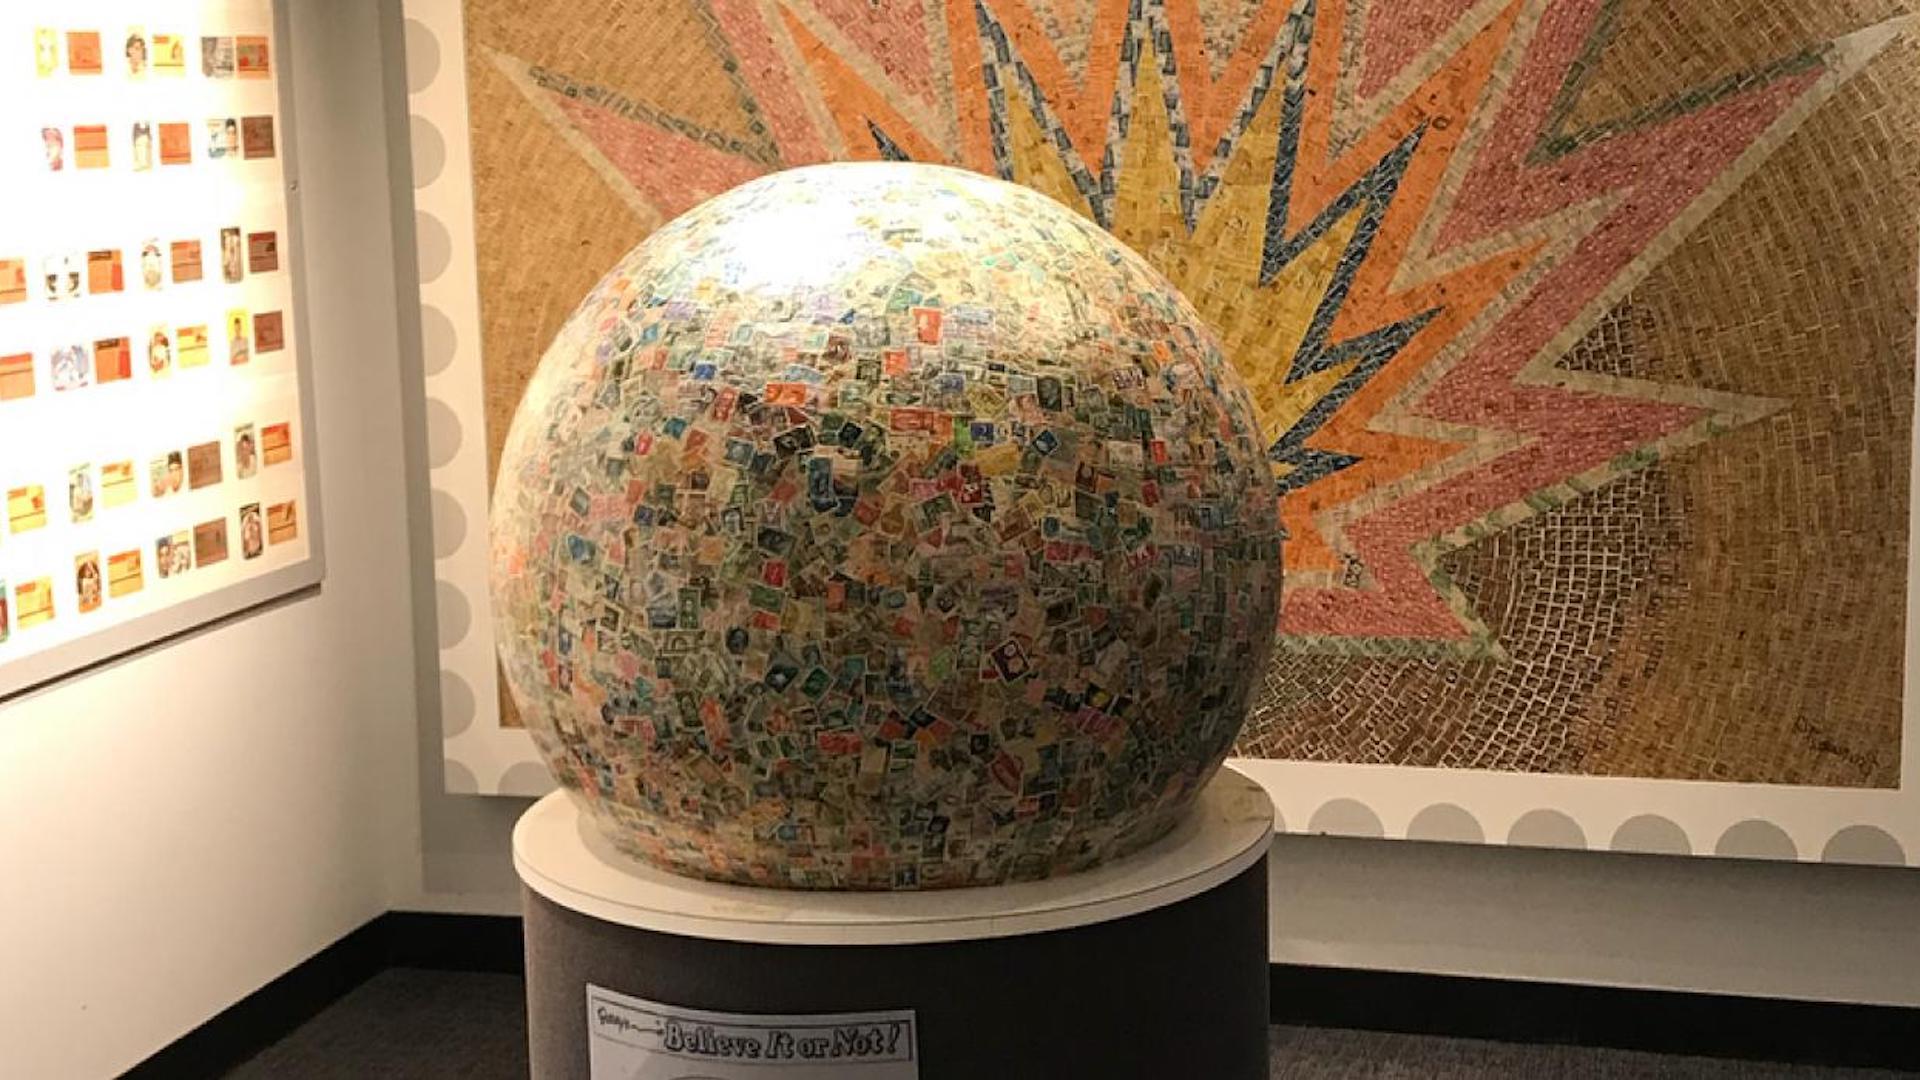 Esta es la bola de estampillas más grande del mundo